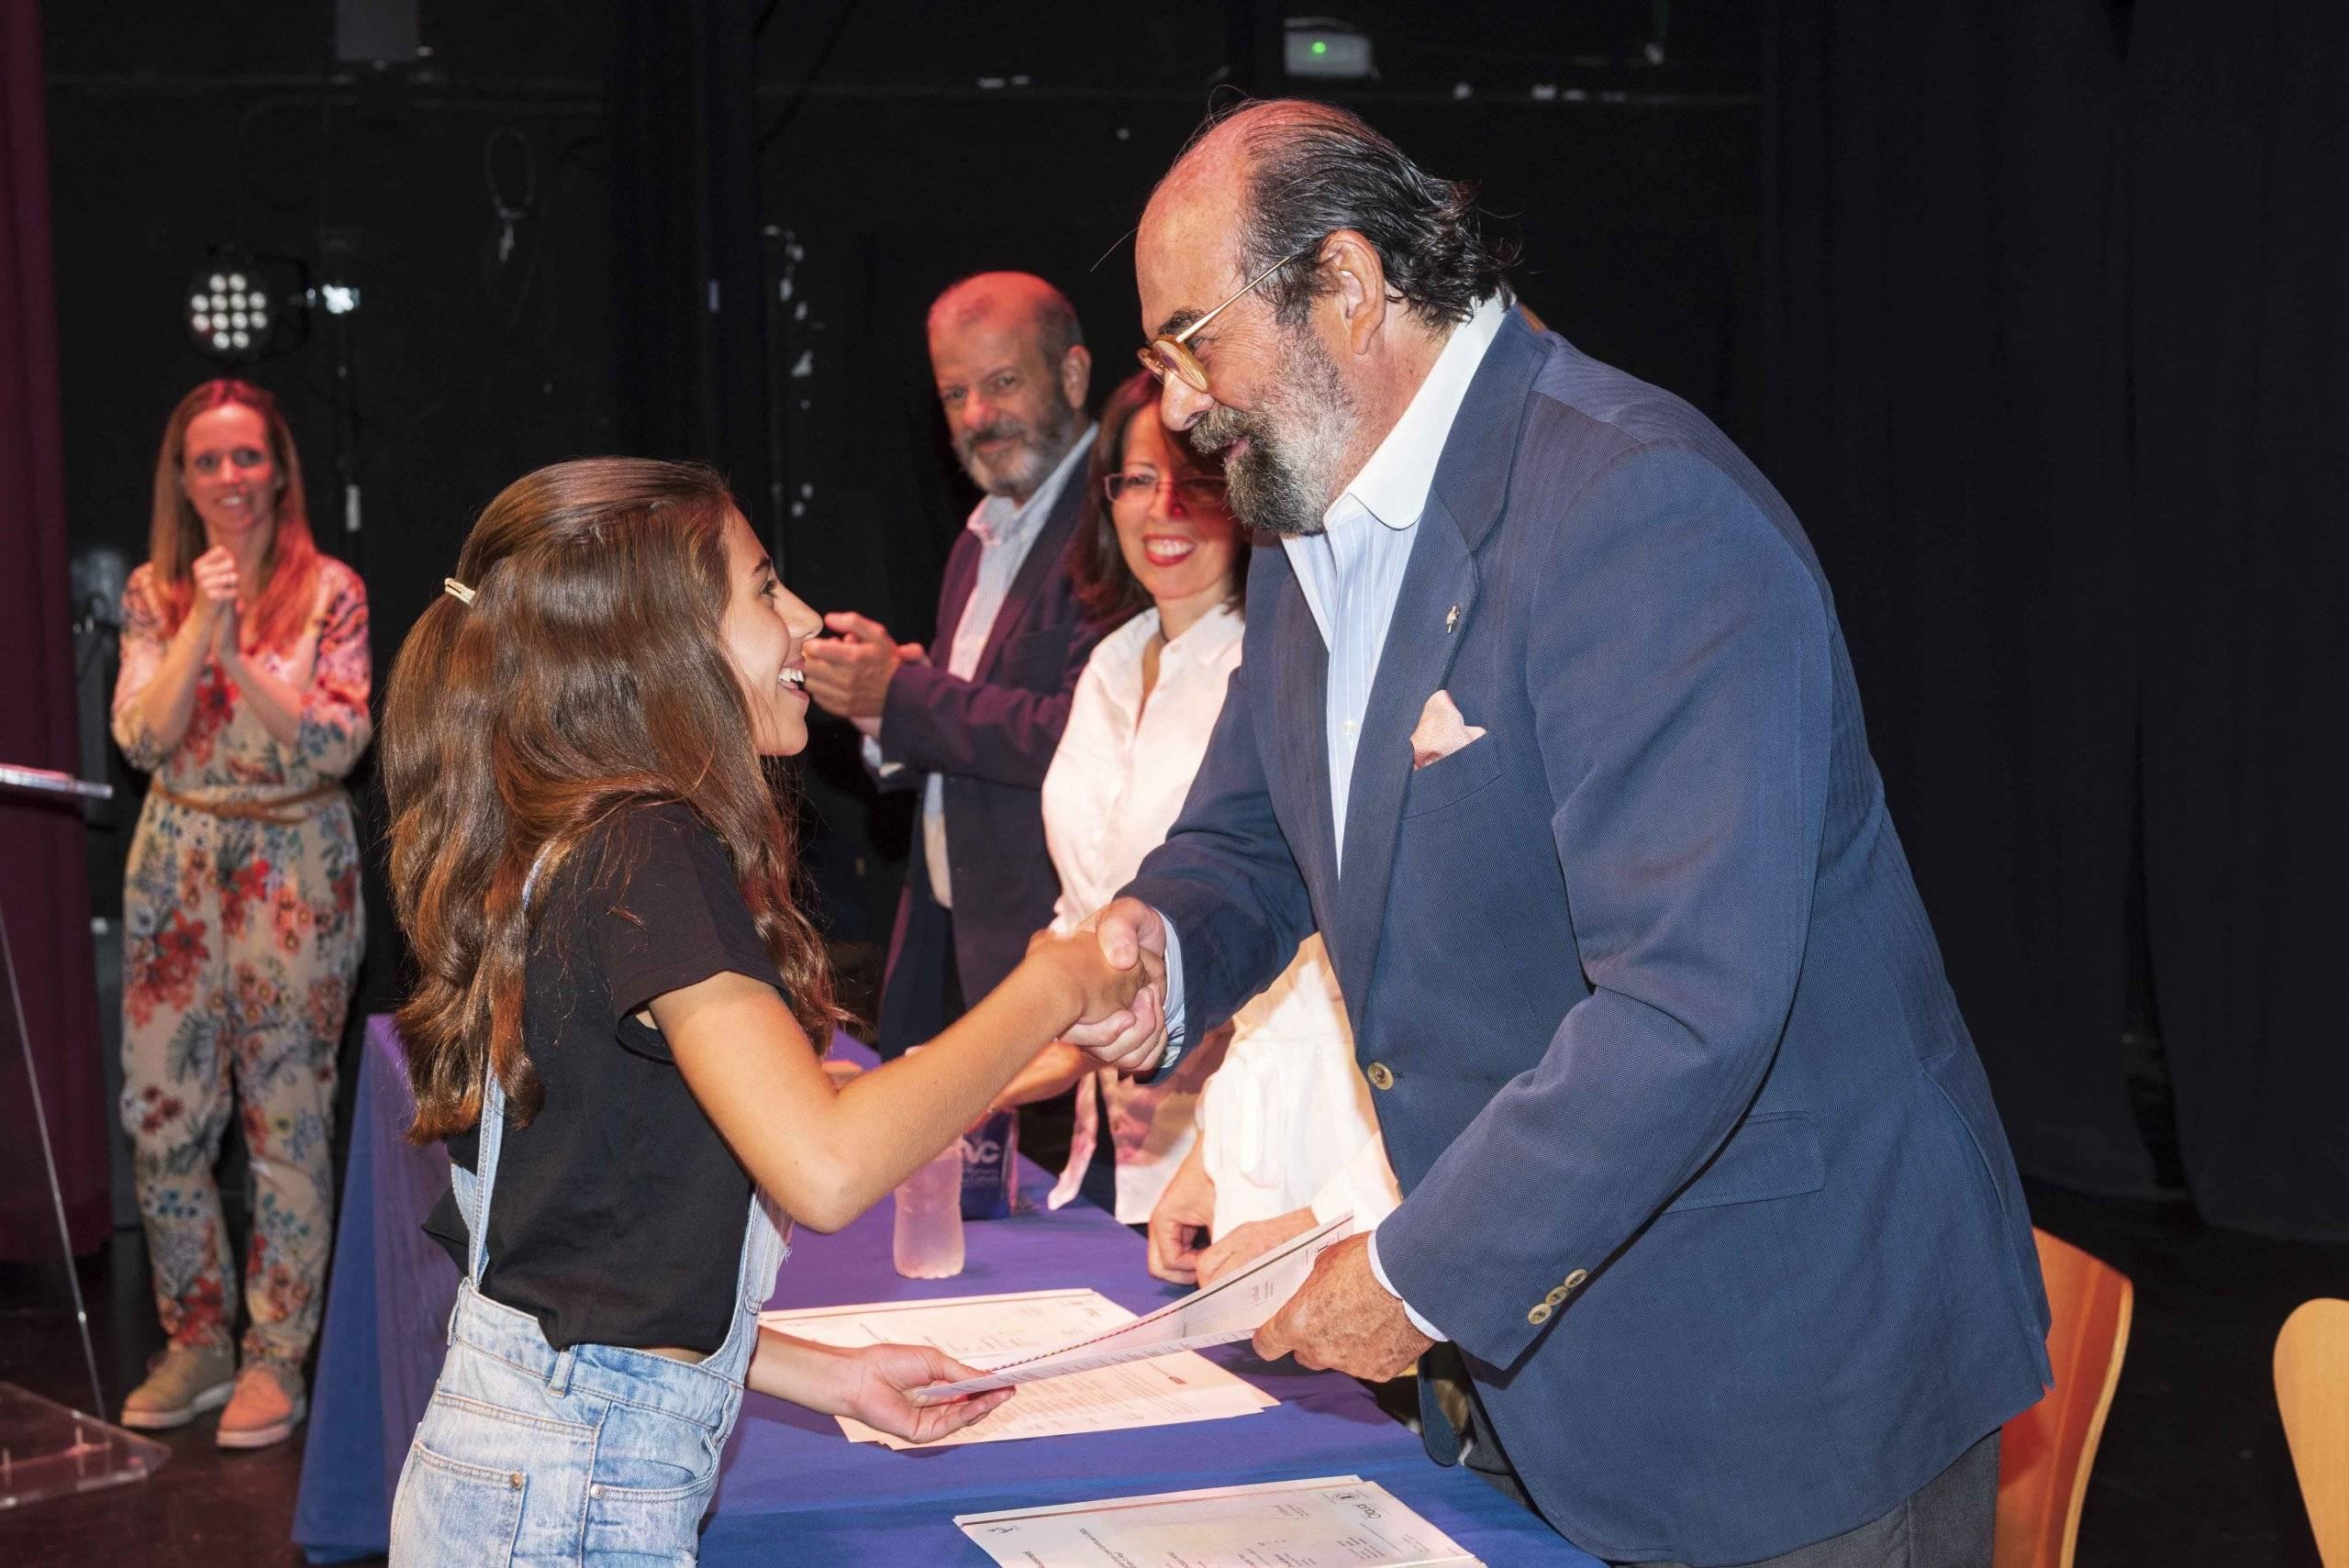 El concejal de Cultura entregando uno de los diplomas